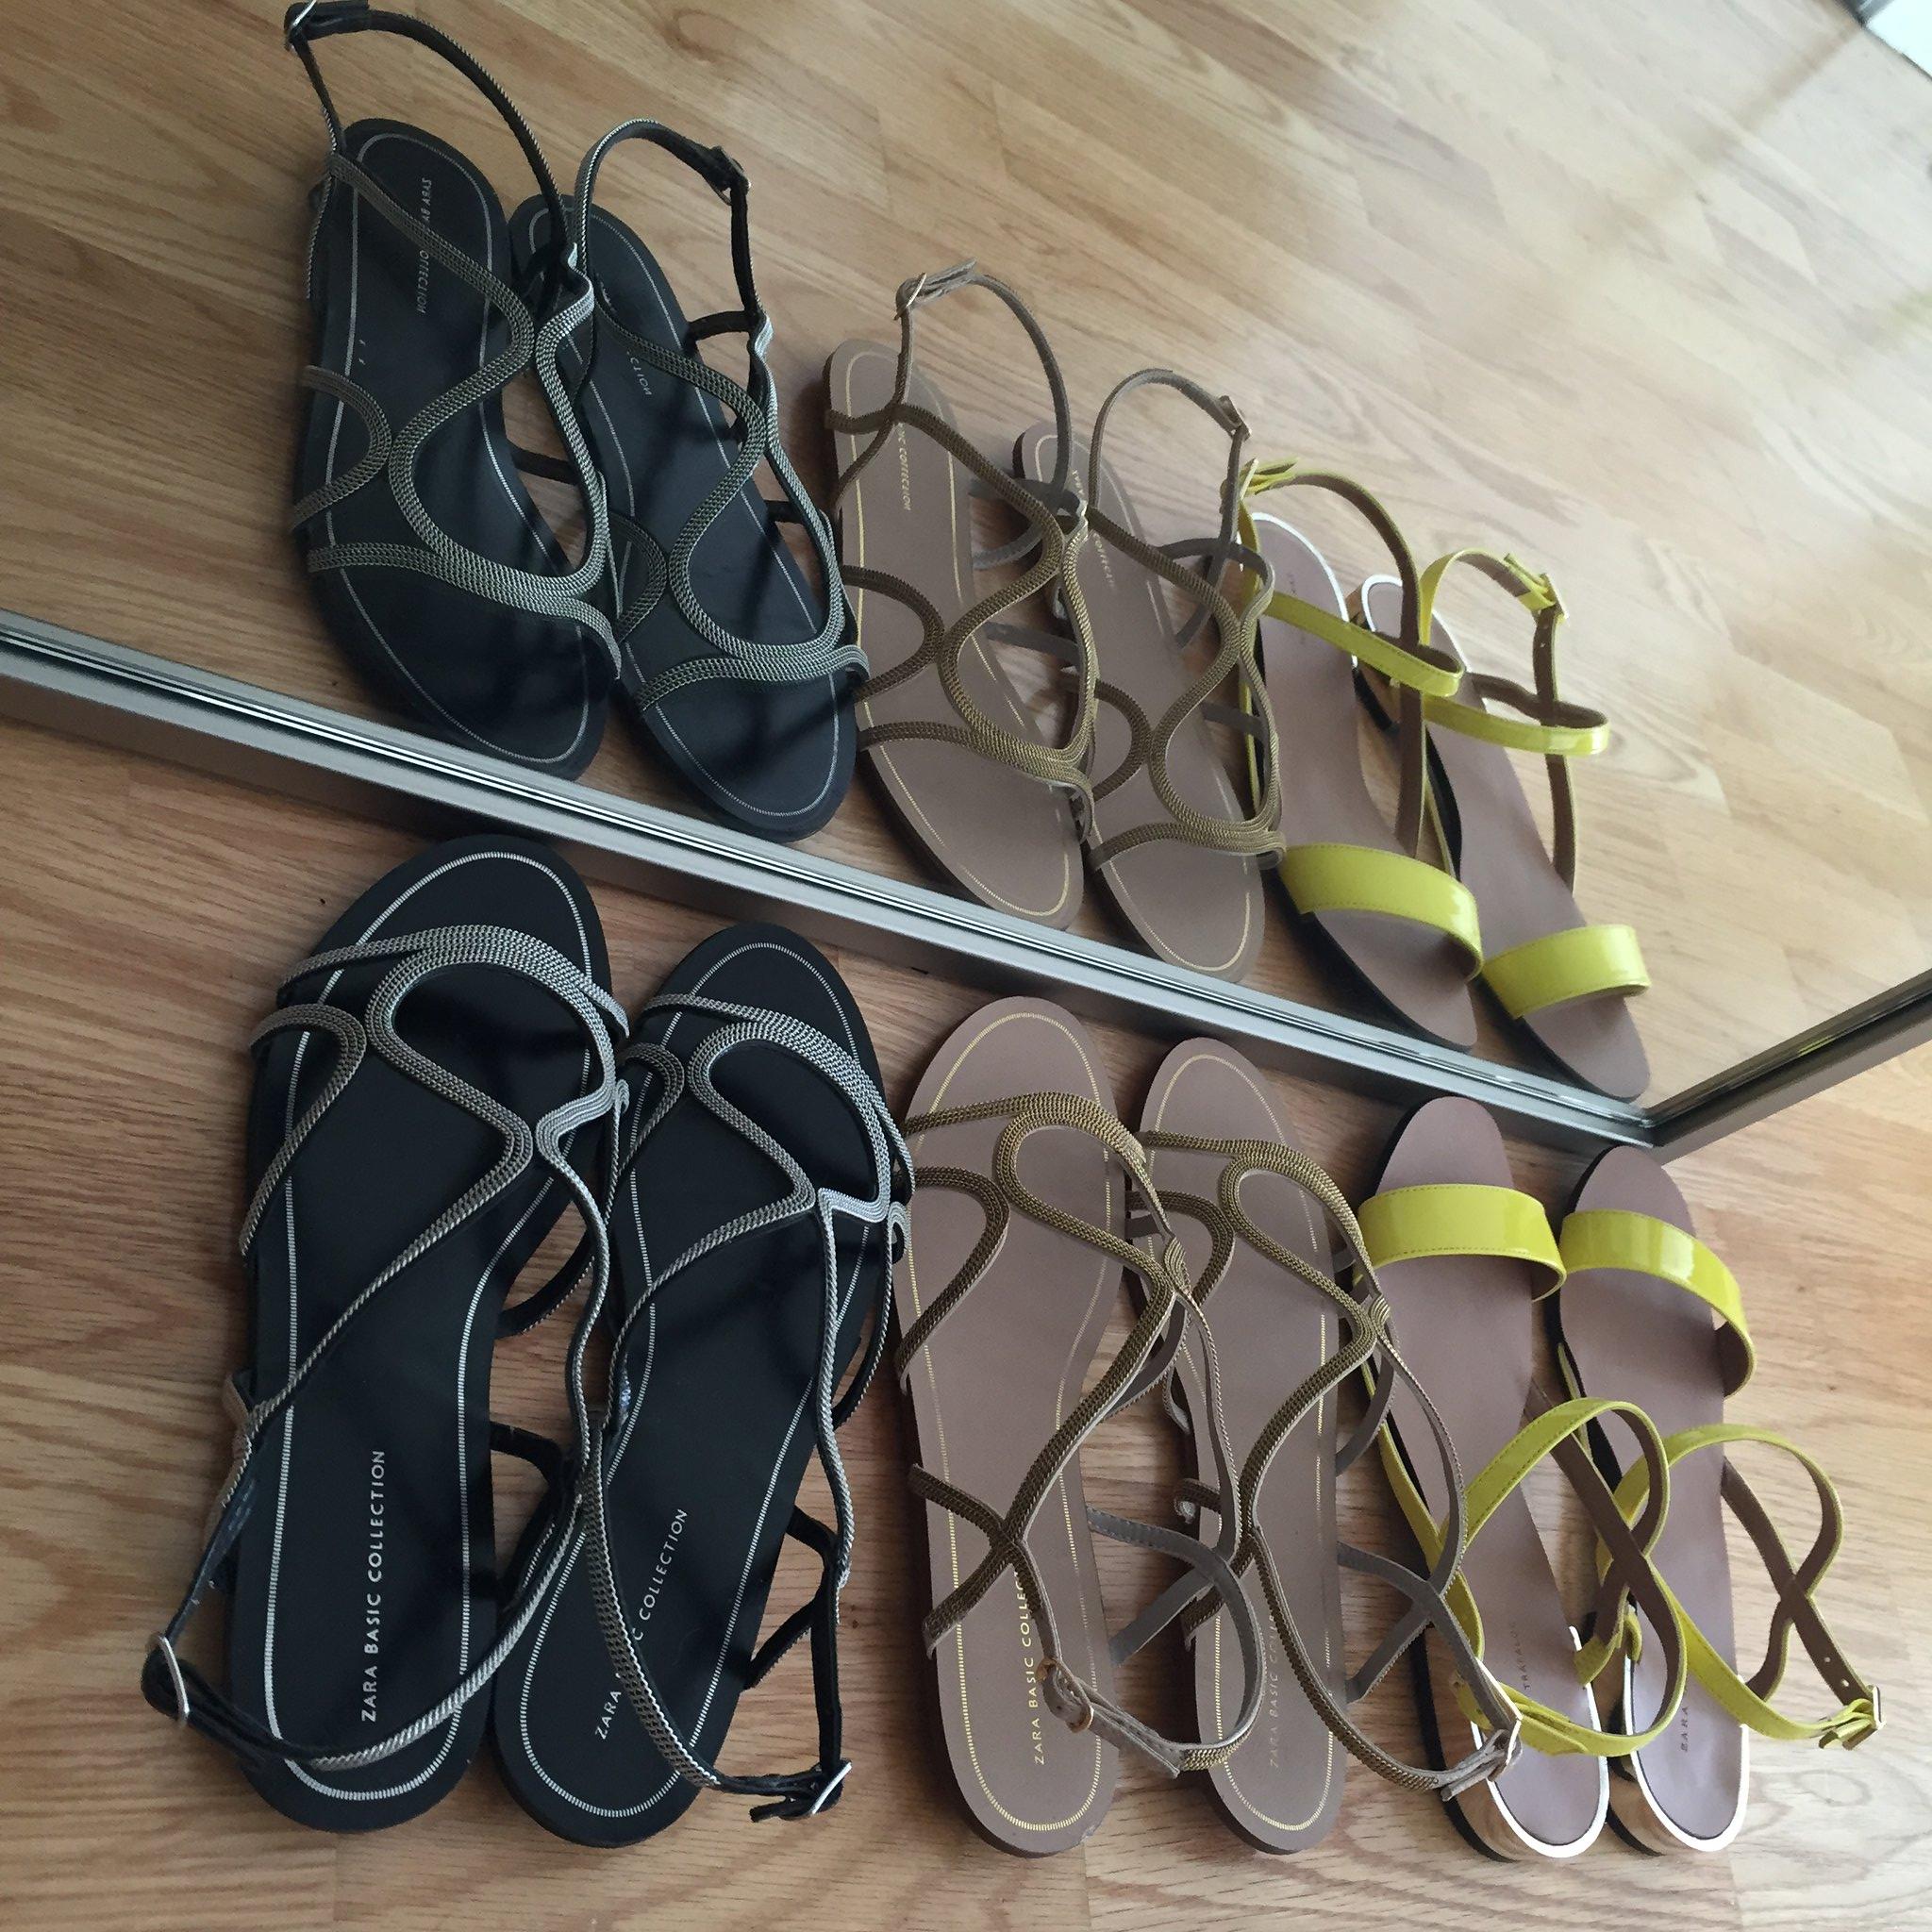 Zara Sandals - Flat Chain Sandals (item no. 2260/001) & Glossy Flat Sandals (item no. 3690/001)